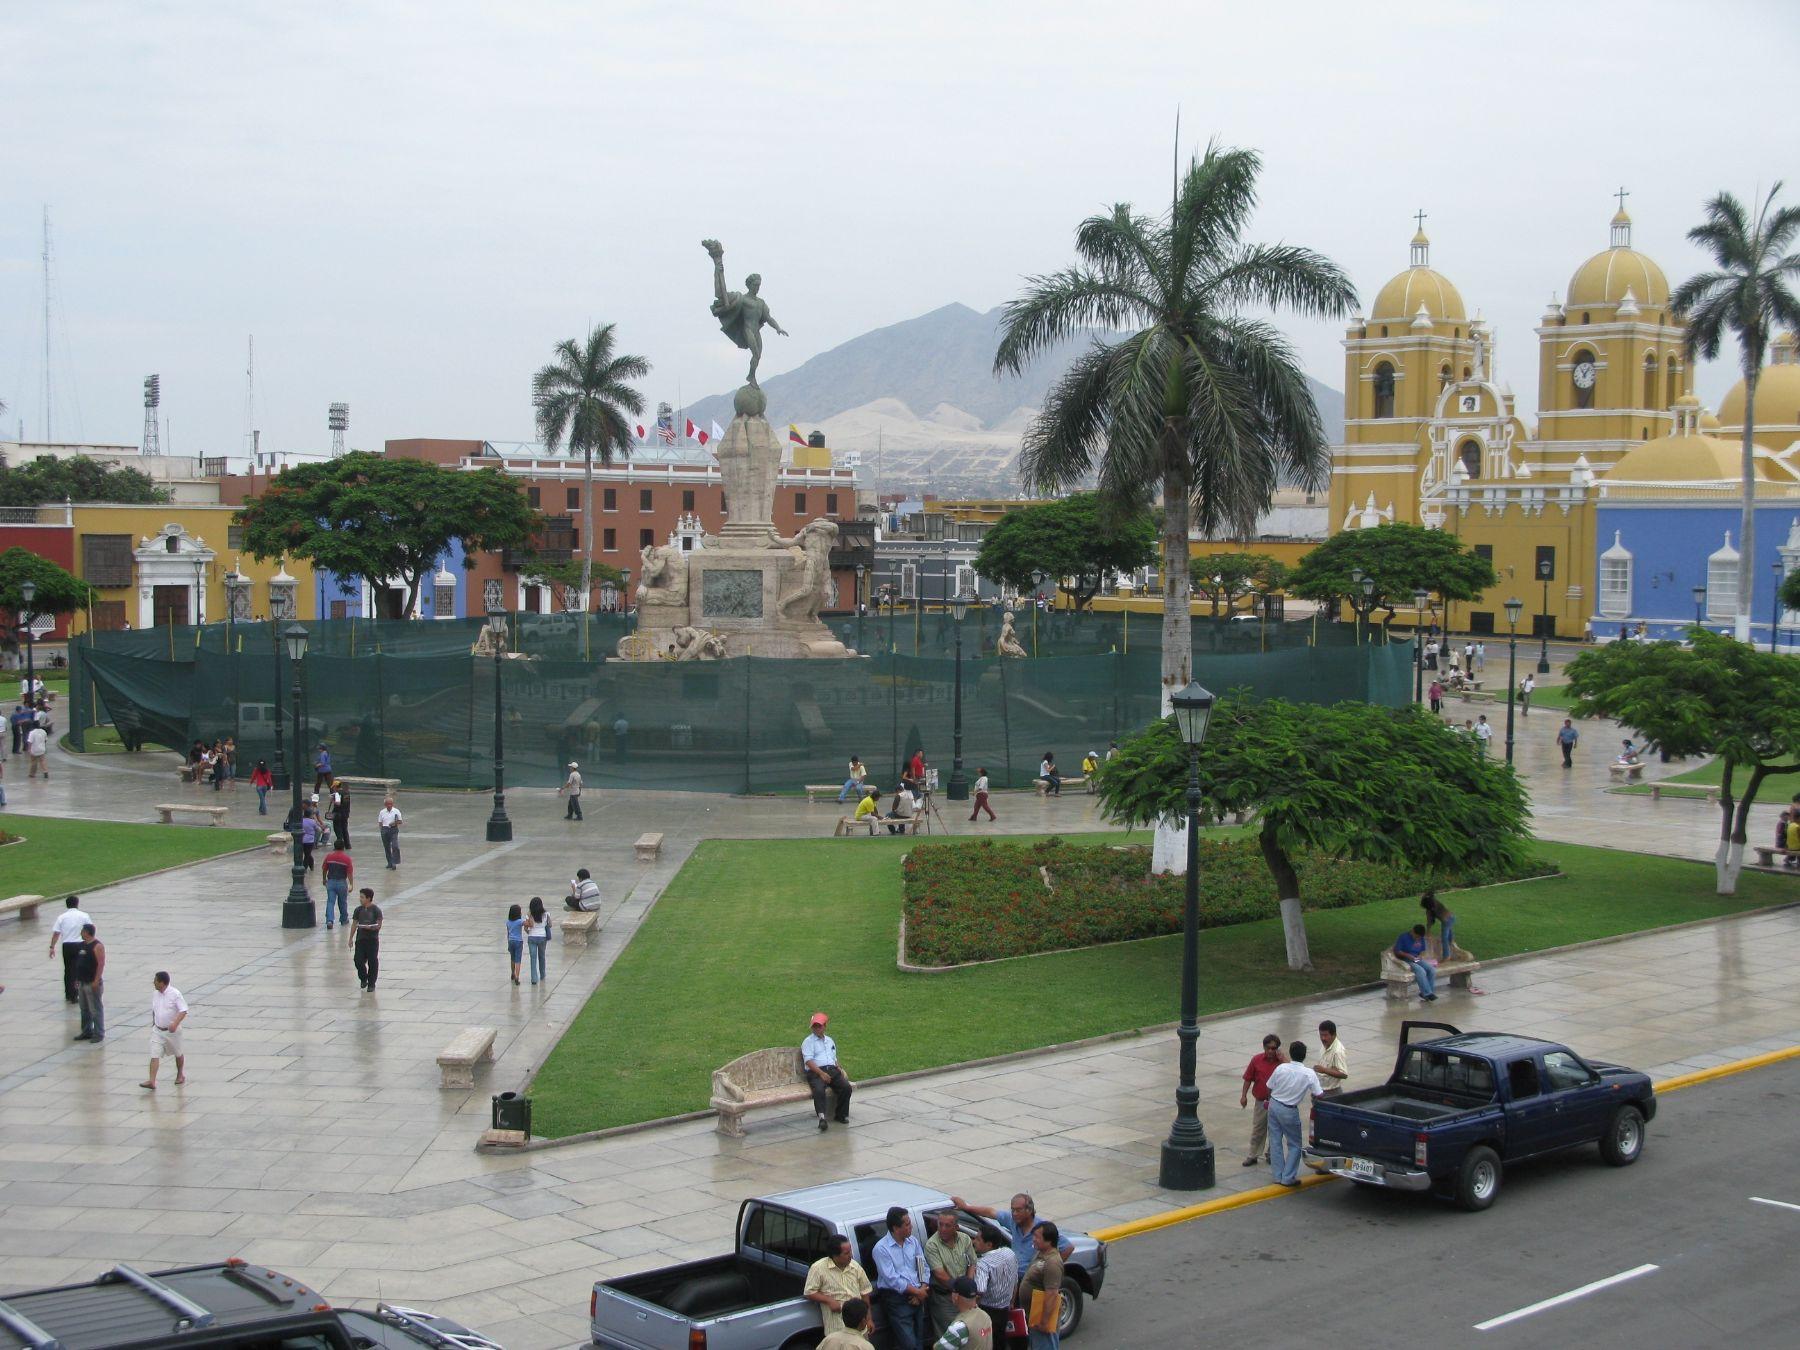 Se realizan trabajos en el monumento a la libertad de la plaza de Armas de Trujillo. Foto: ANDINA / Óscar Paz.